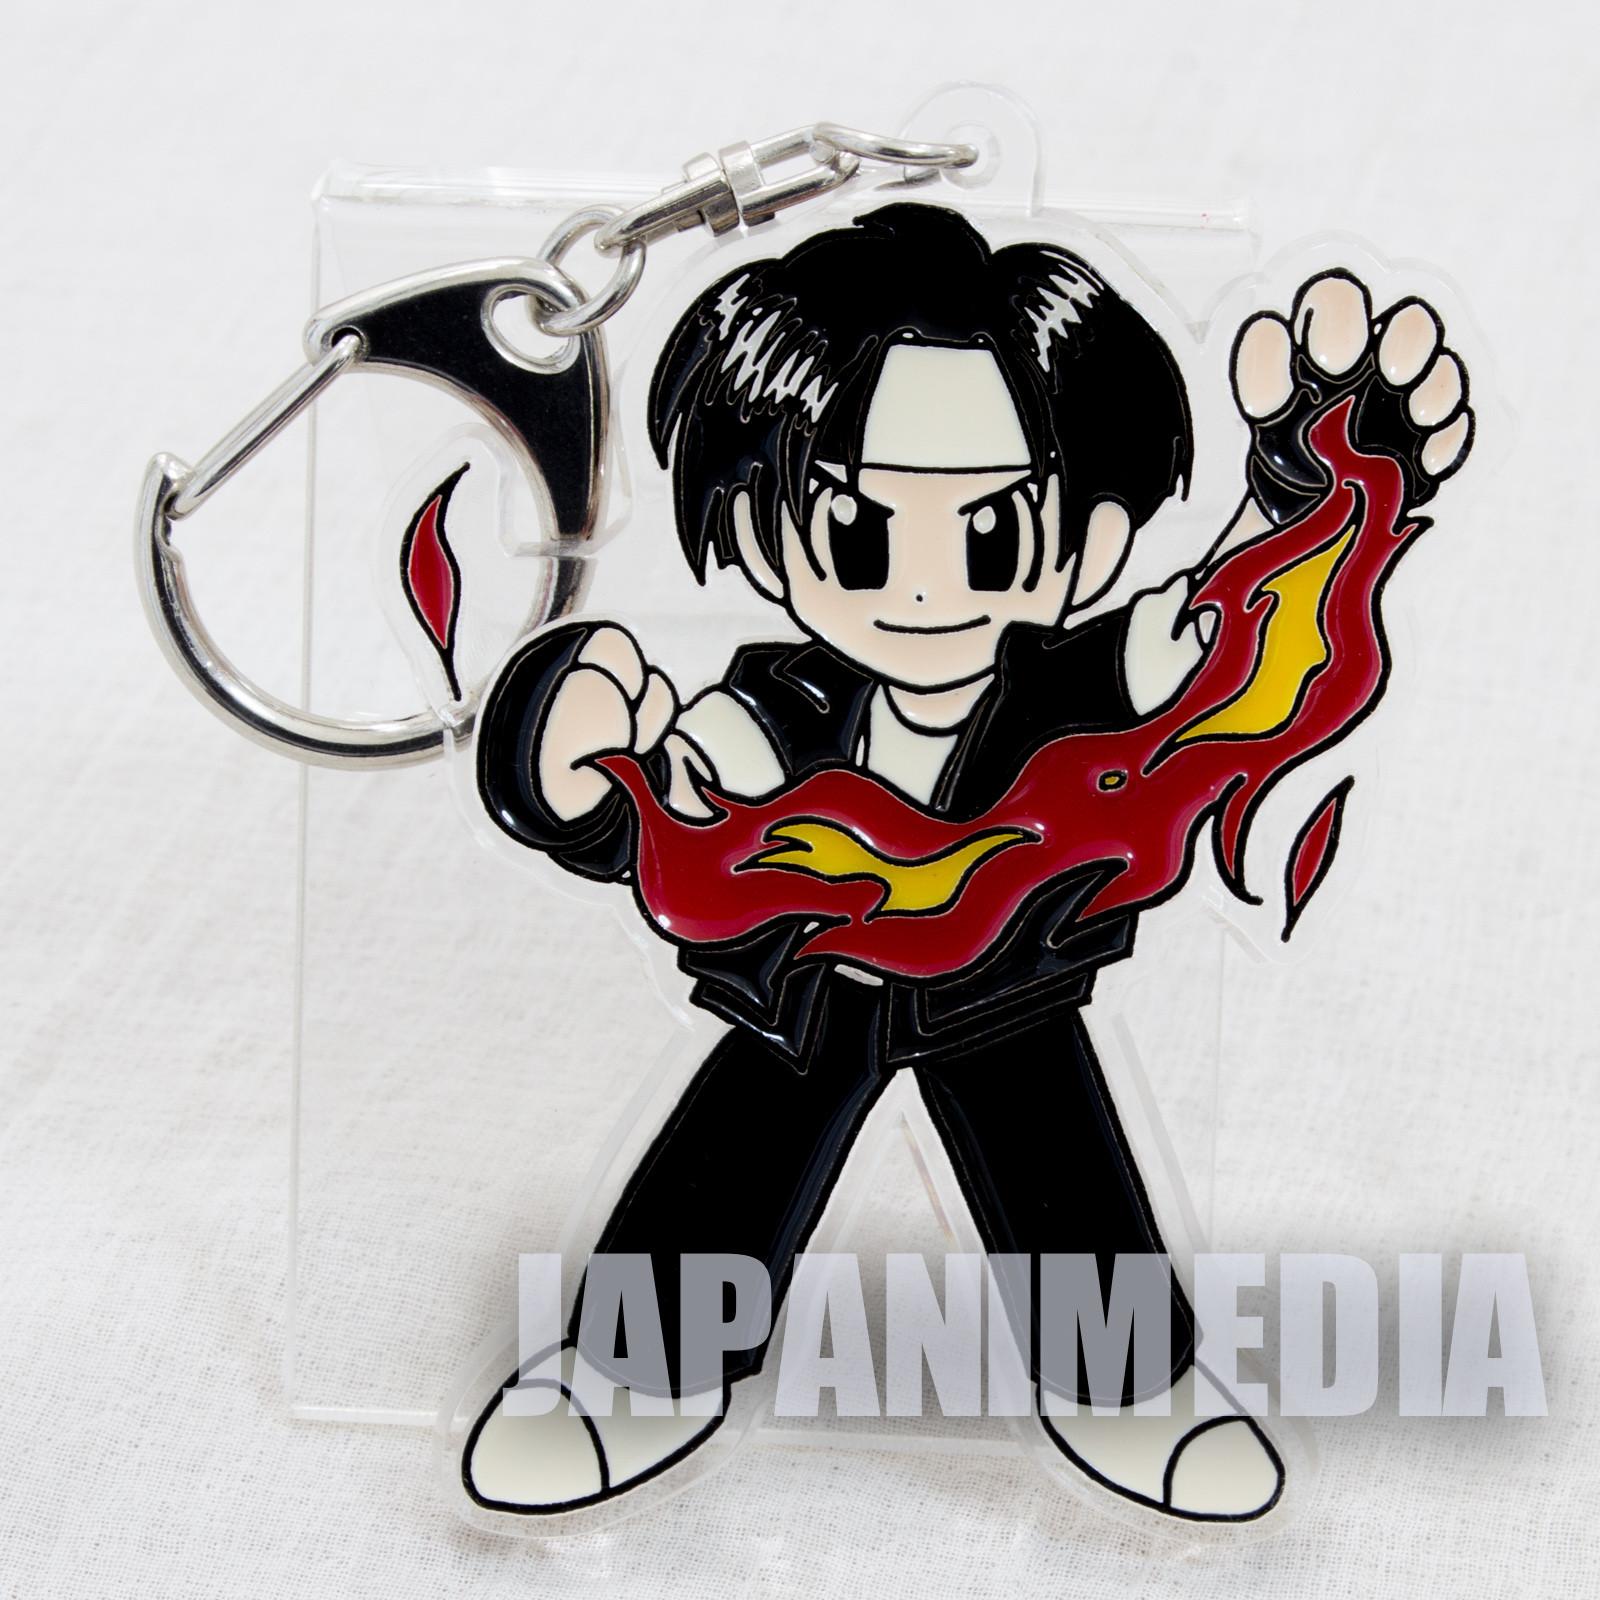 Retro KOF King of Fighters Kyo Kusanagi Acrylic Mascot Keychain SNK 1996 JAPAN